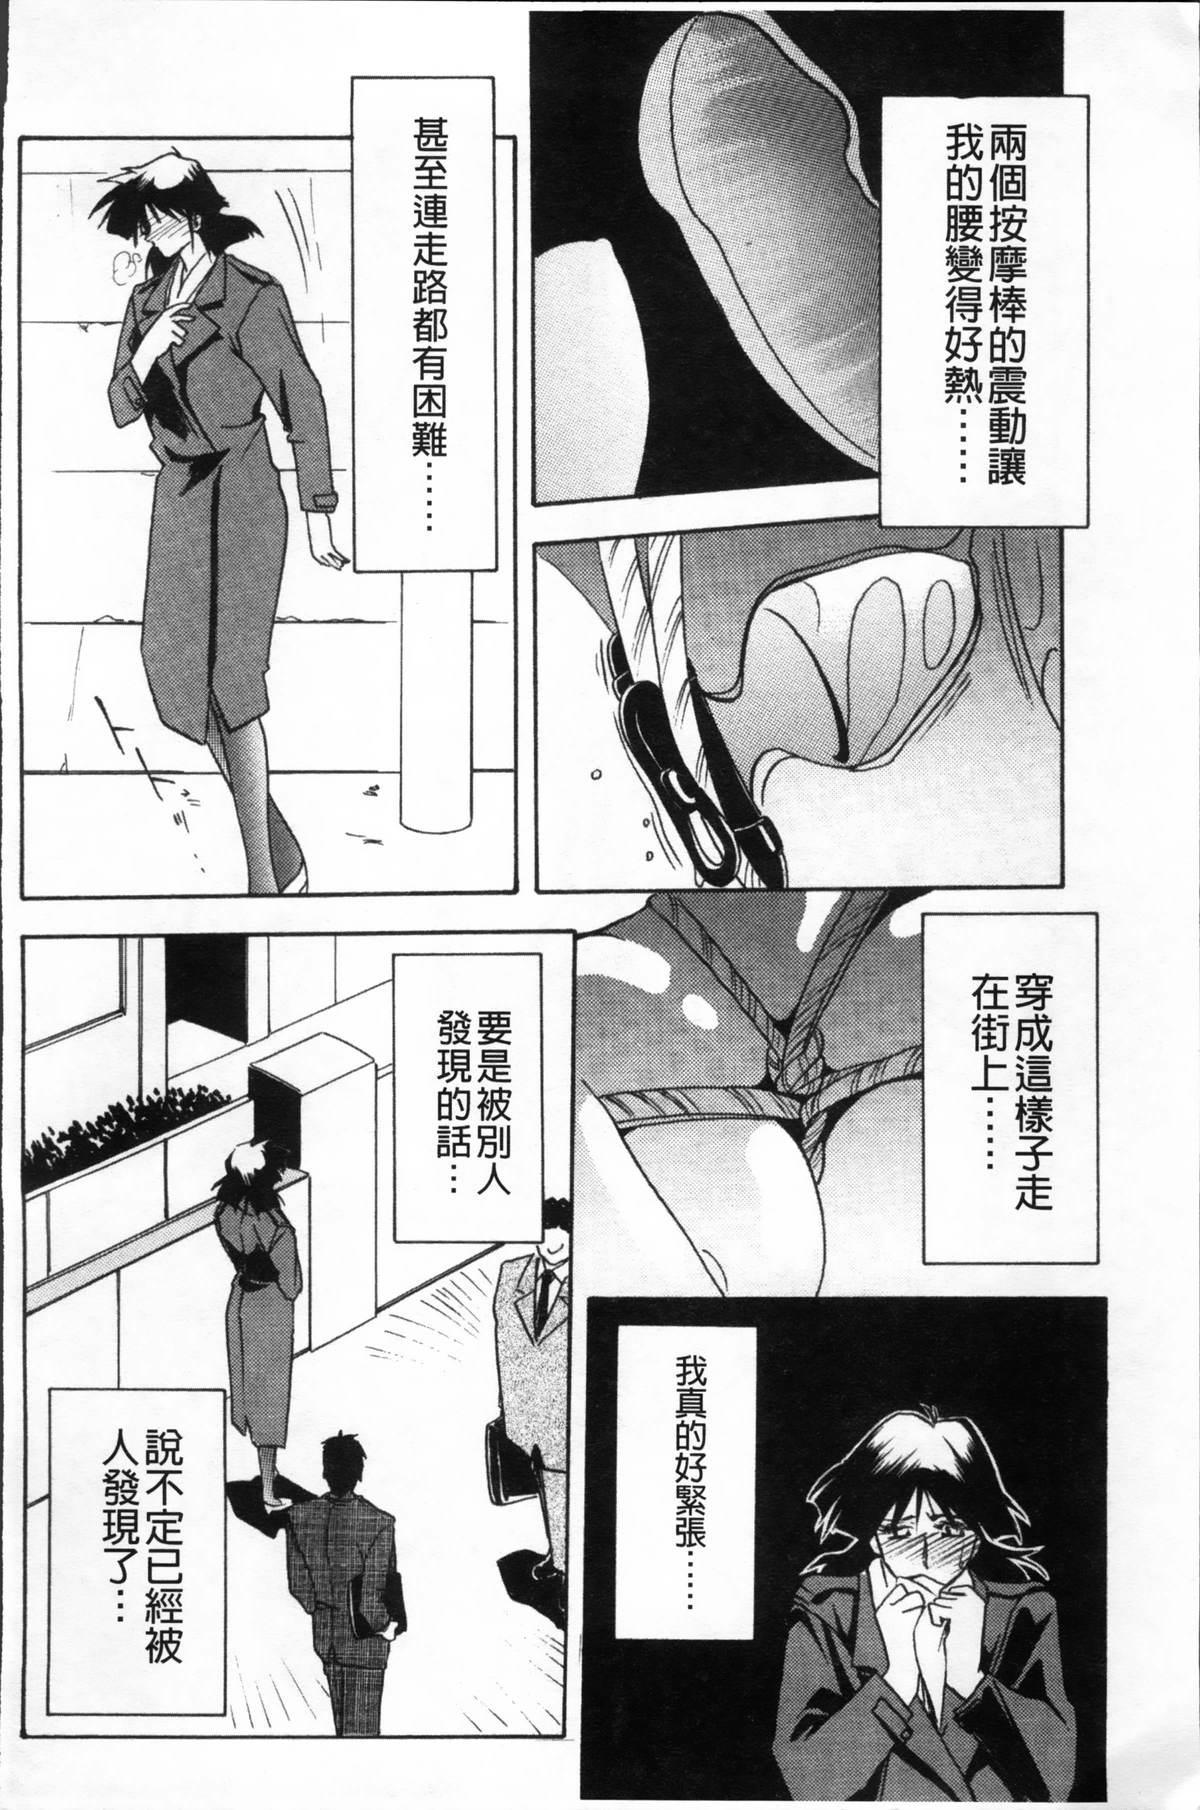 Hiiro no Koku Kanzenban   緋色之刻 完全版 189